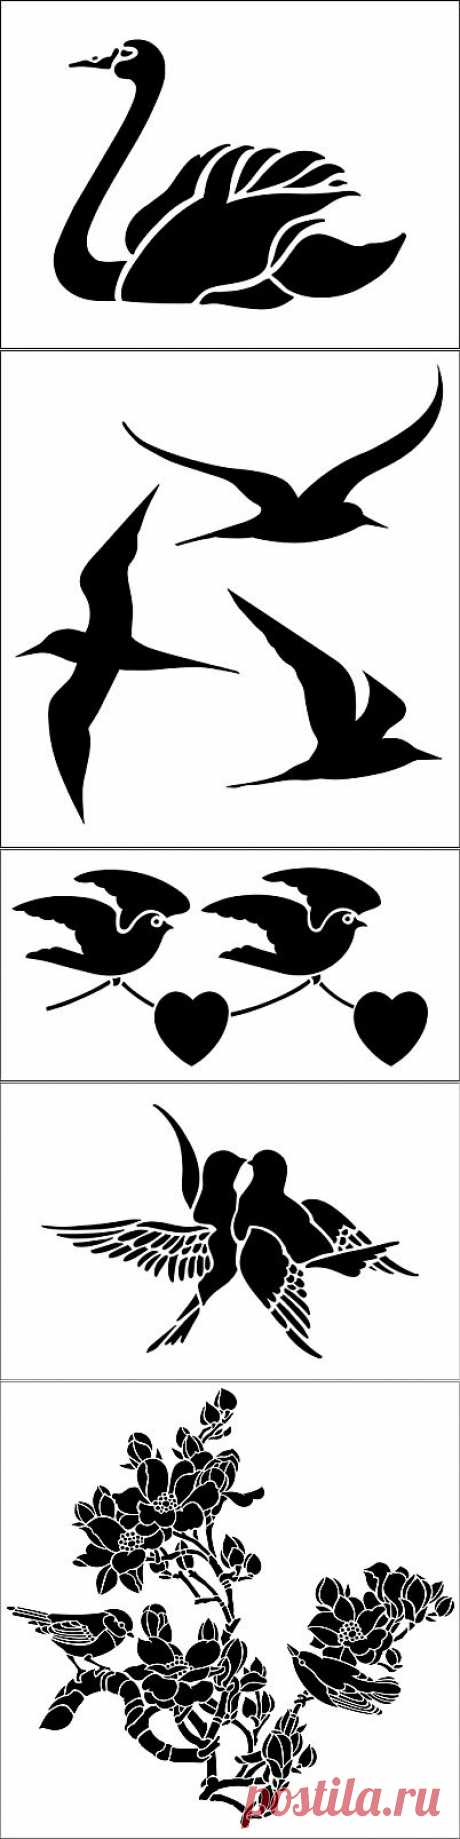 Cliches - birds.